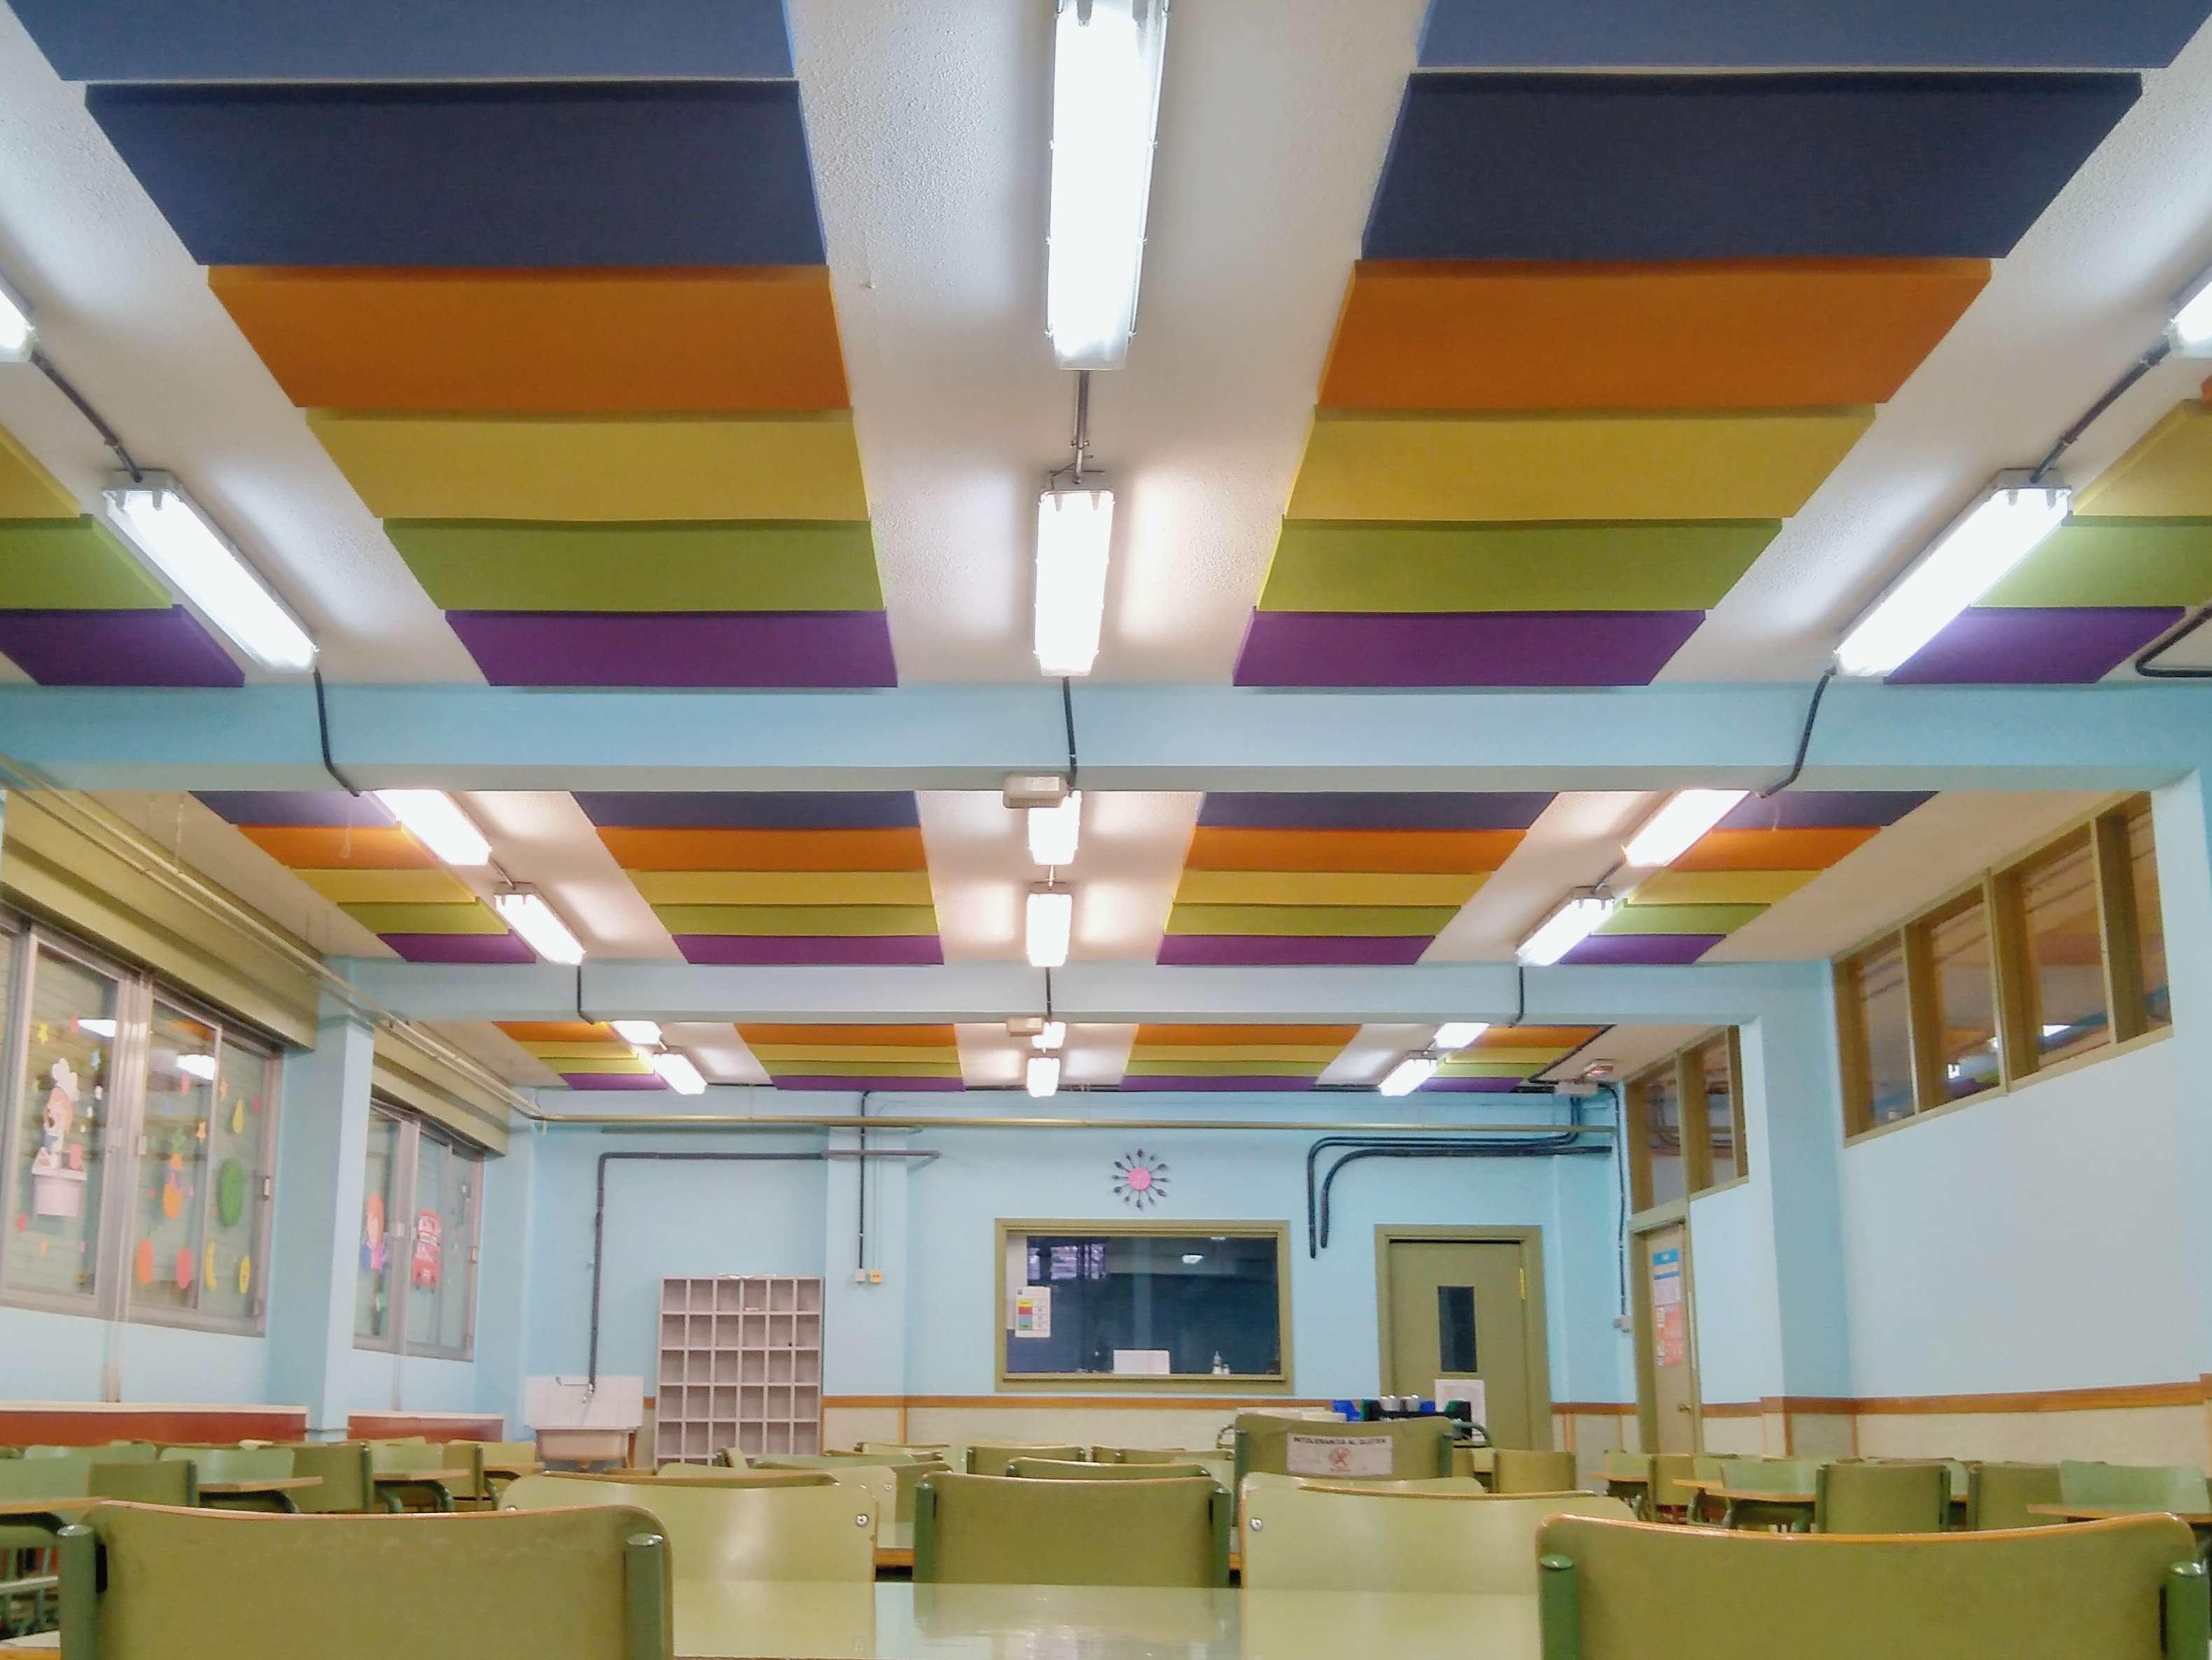 Combinacion de paneles acusticos de diferentes medidas y colores para reducir el ruido en un comedor escolar.